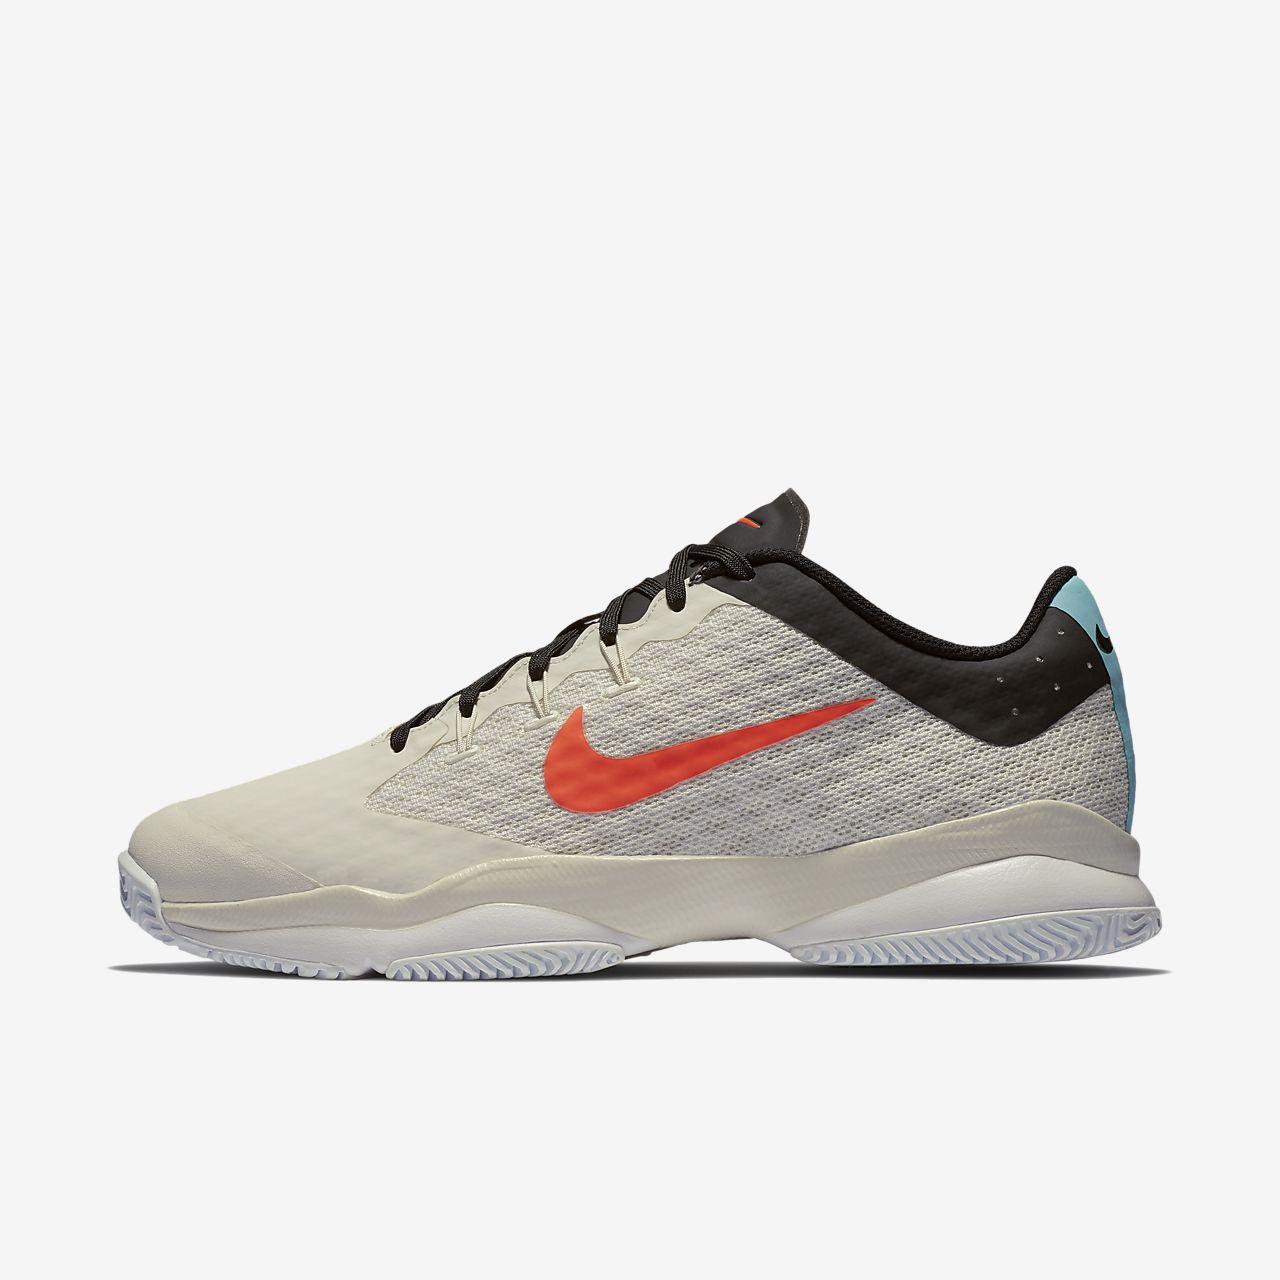 Nike - Air Zoom Ultra React Hommes Chaussure de tennis (blanc/noir) - EU 42,5 - US 9